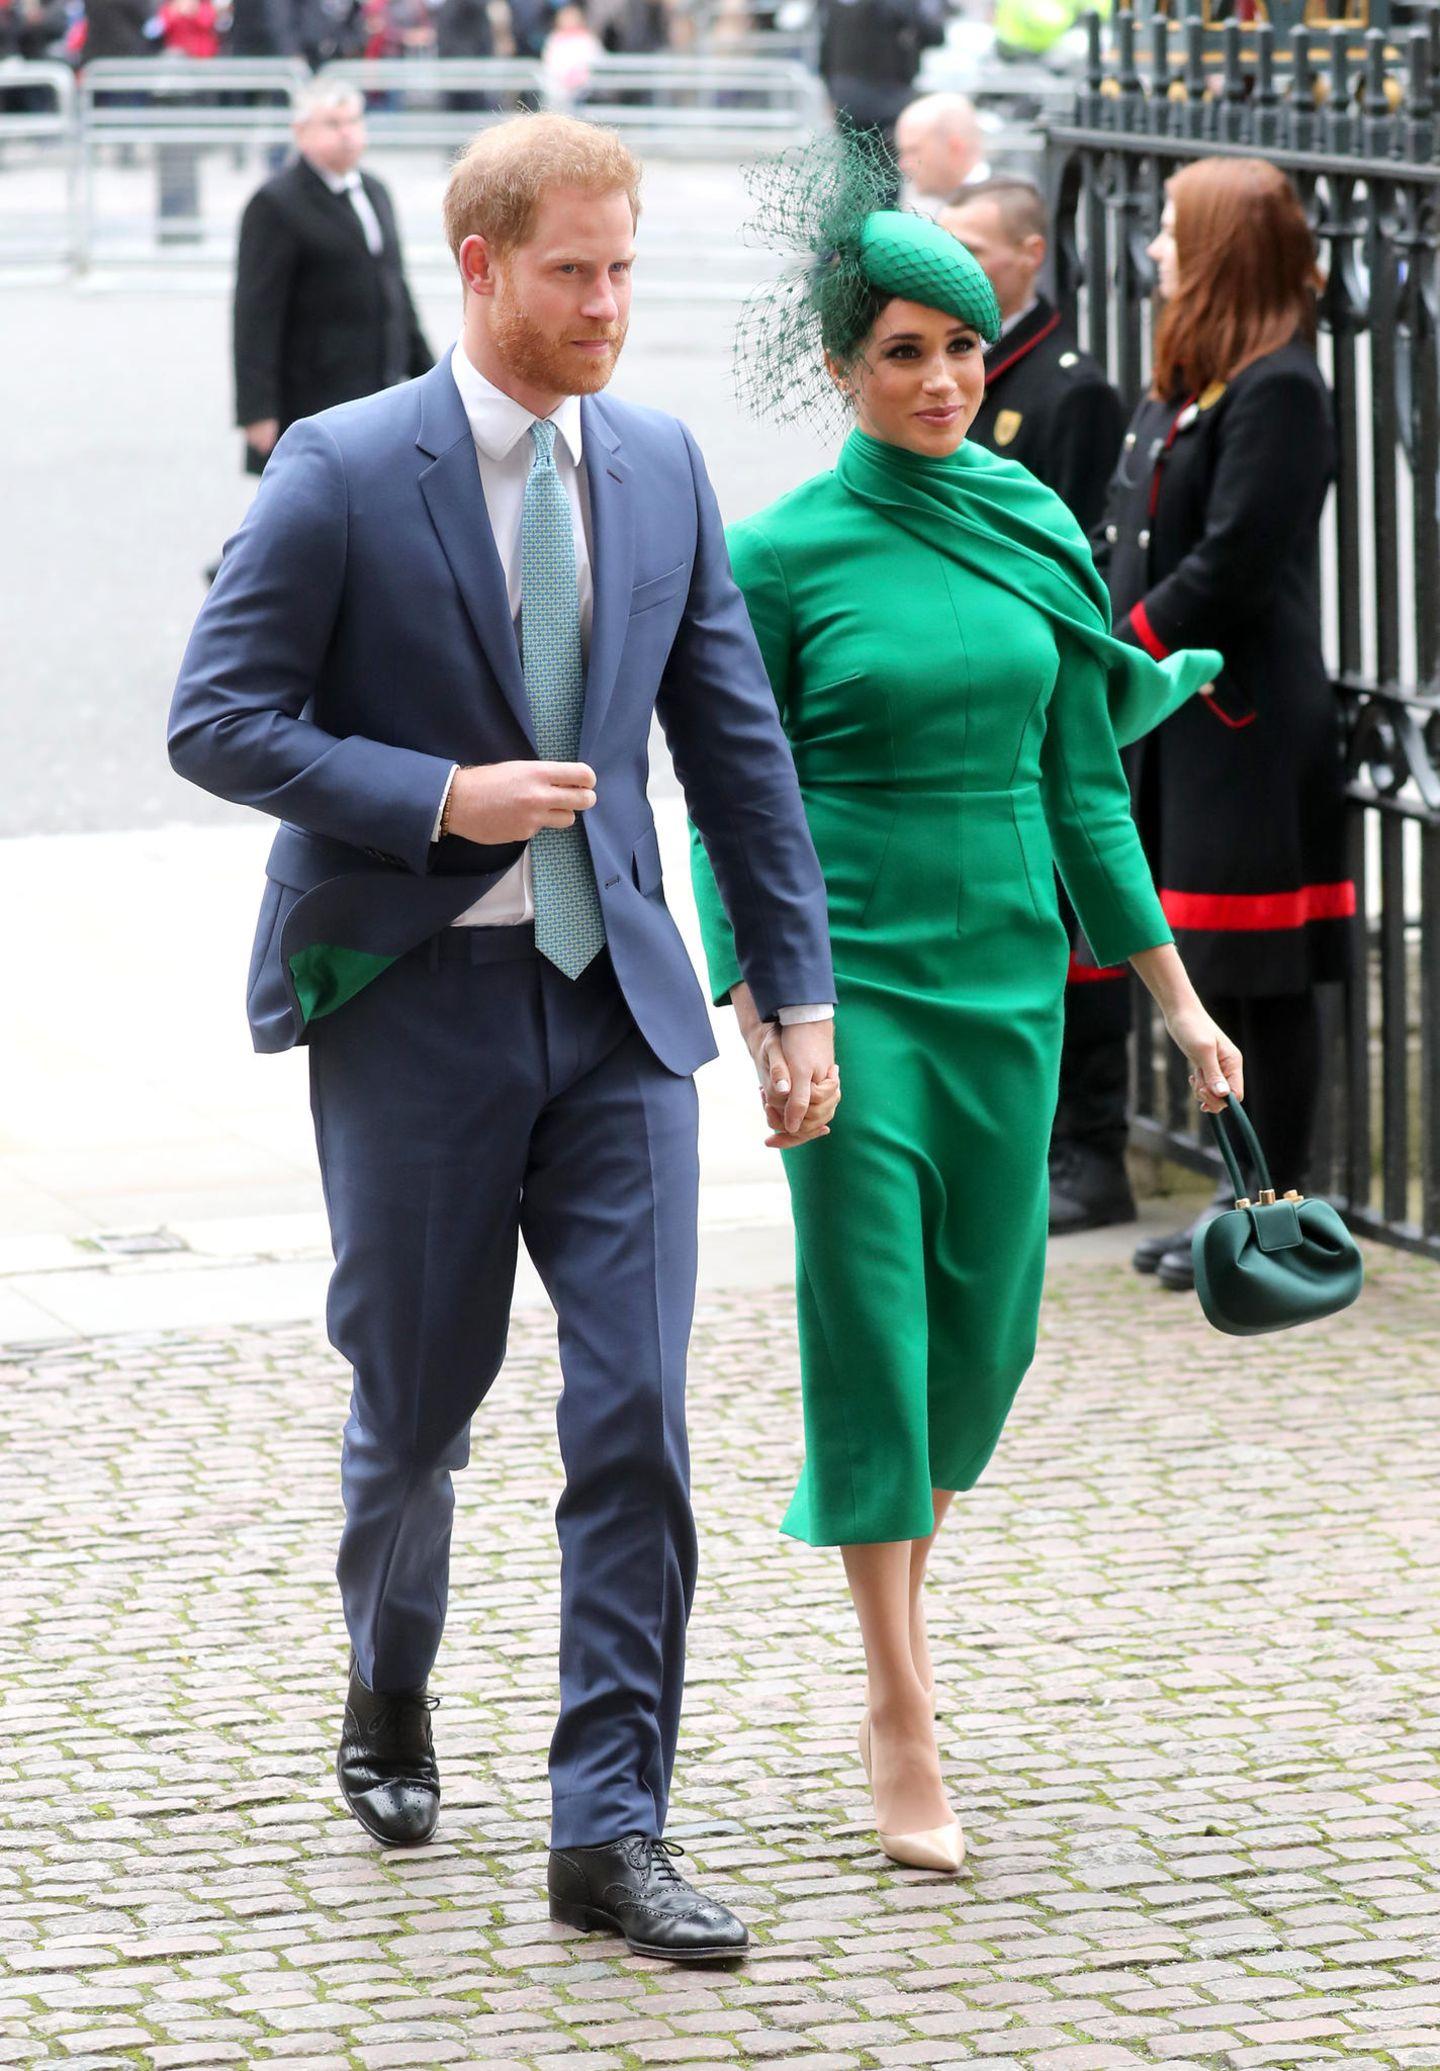 Für Prinz Harry und Herzogin Meghan ist der Commonwealth-Day-Gottesdienst etwas Besonderes: Esist ihr letzter Auftritt im Namen der Queen.Am 1. Apriltritt der Megxit in Kraft und Harry und Meghan werden keine Pflichten mehr für das Königshaus wahrnehmen.